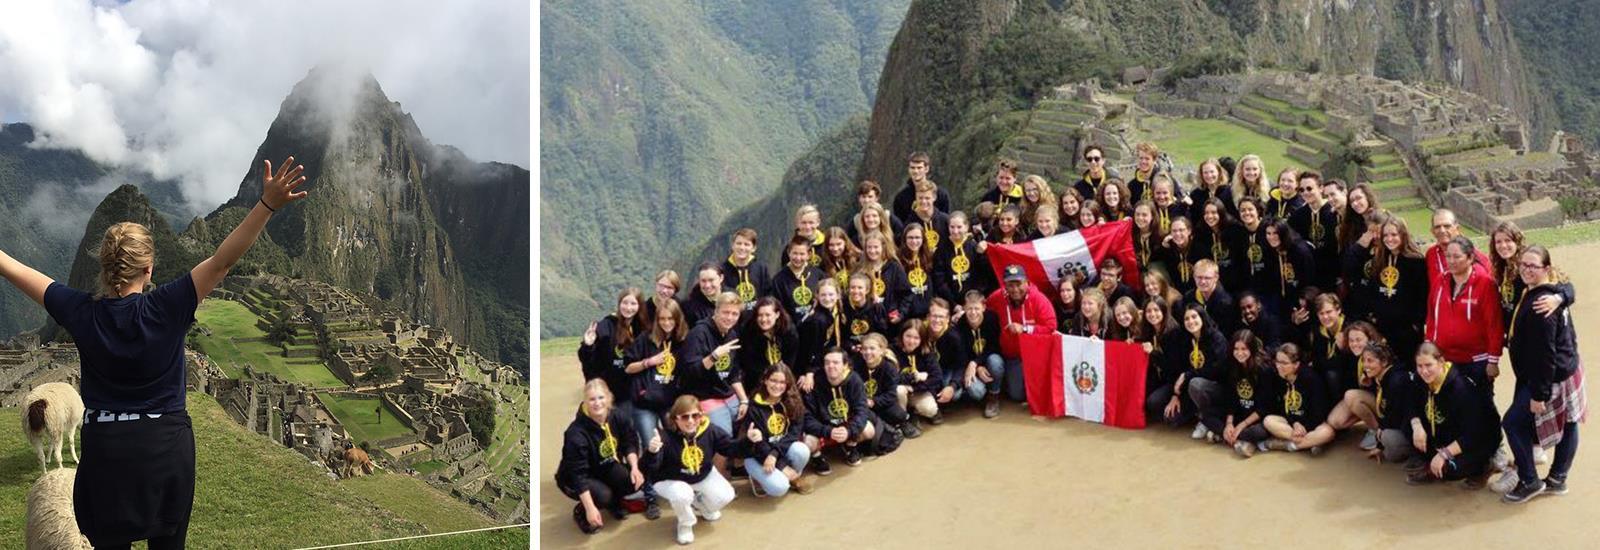 Annika-Peru.jpg